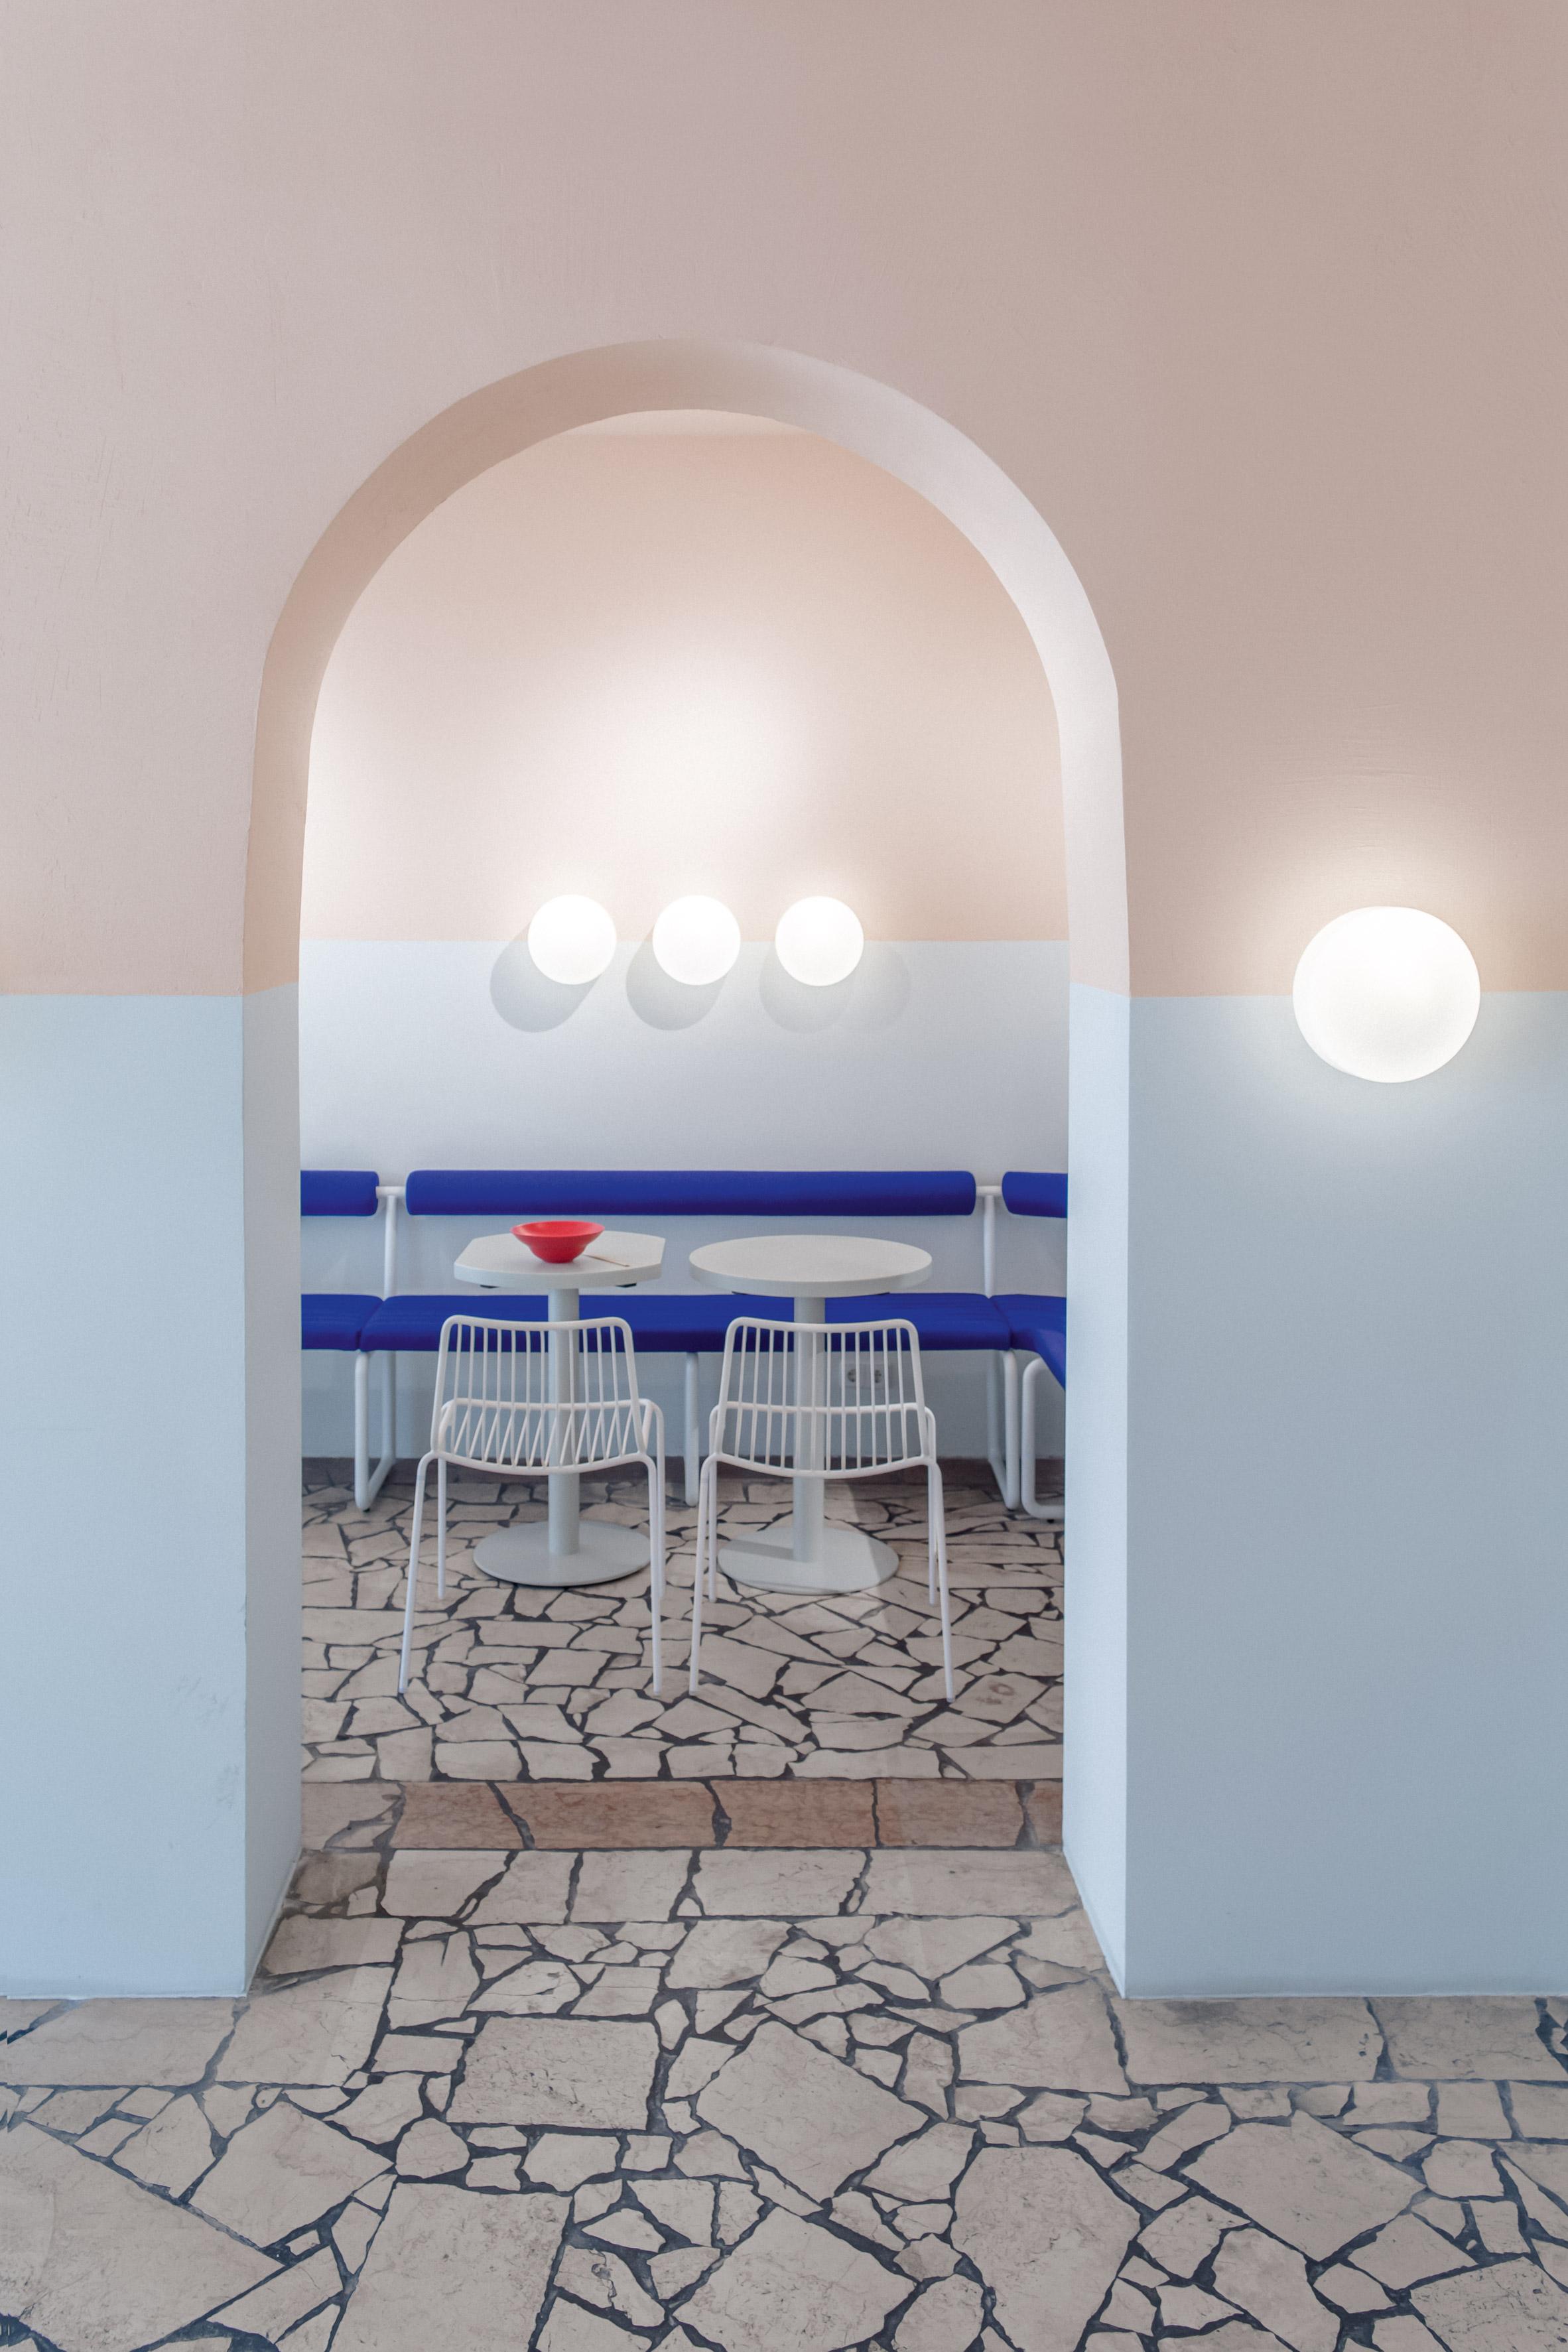 la-poke-restaurant-ester-bruzkus-interiors_dezainaa.jpg